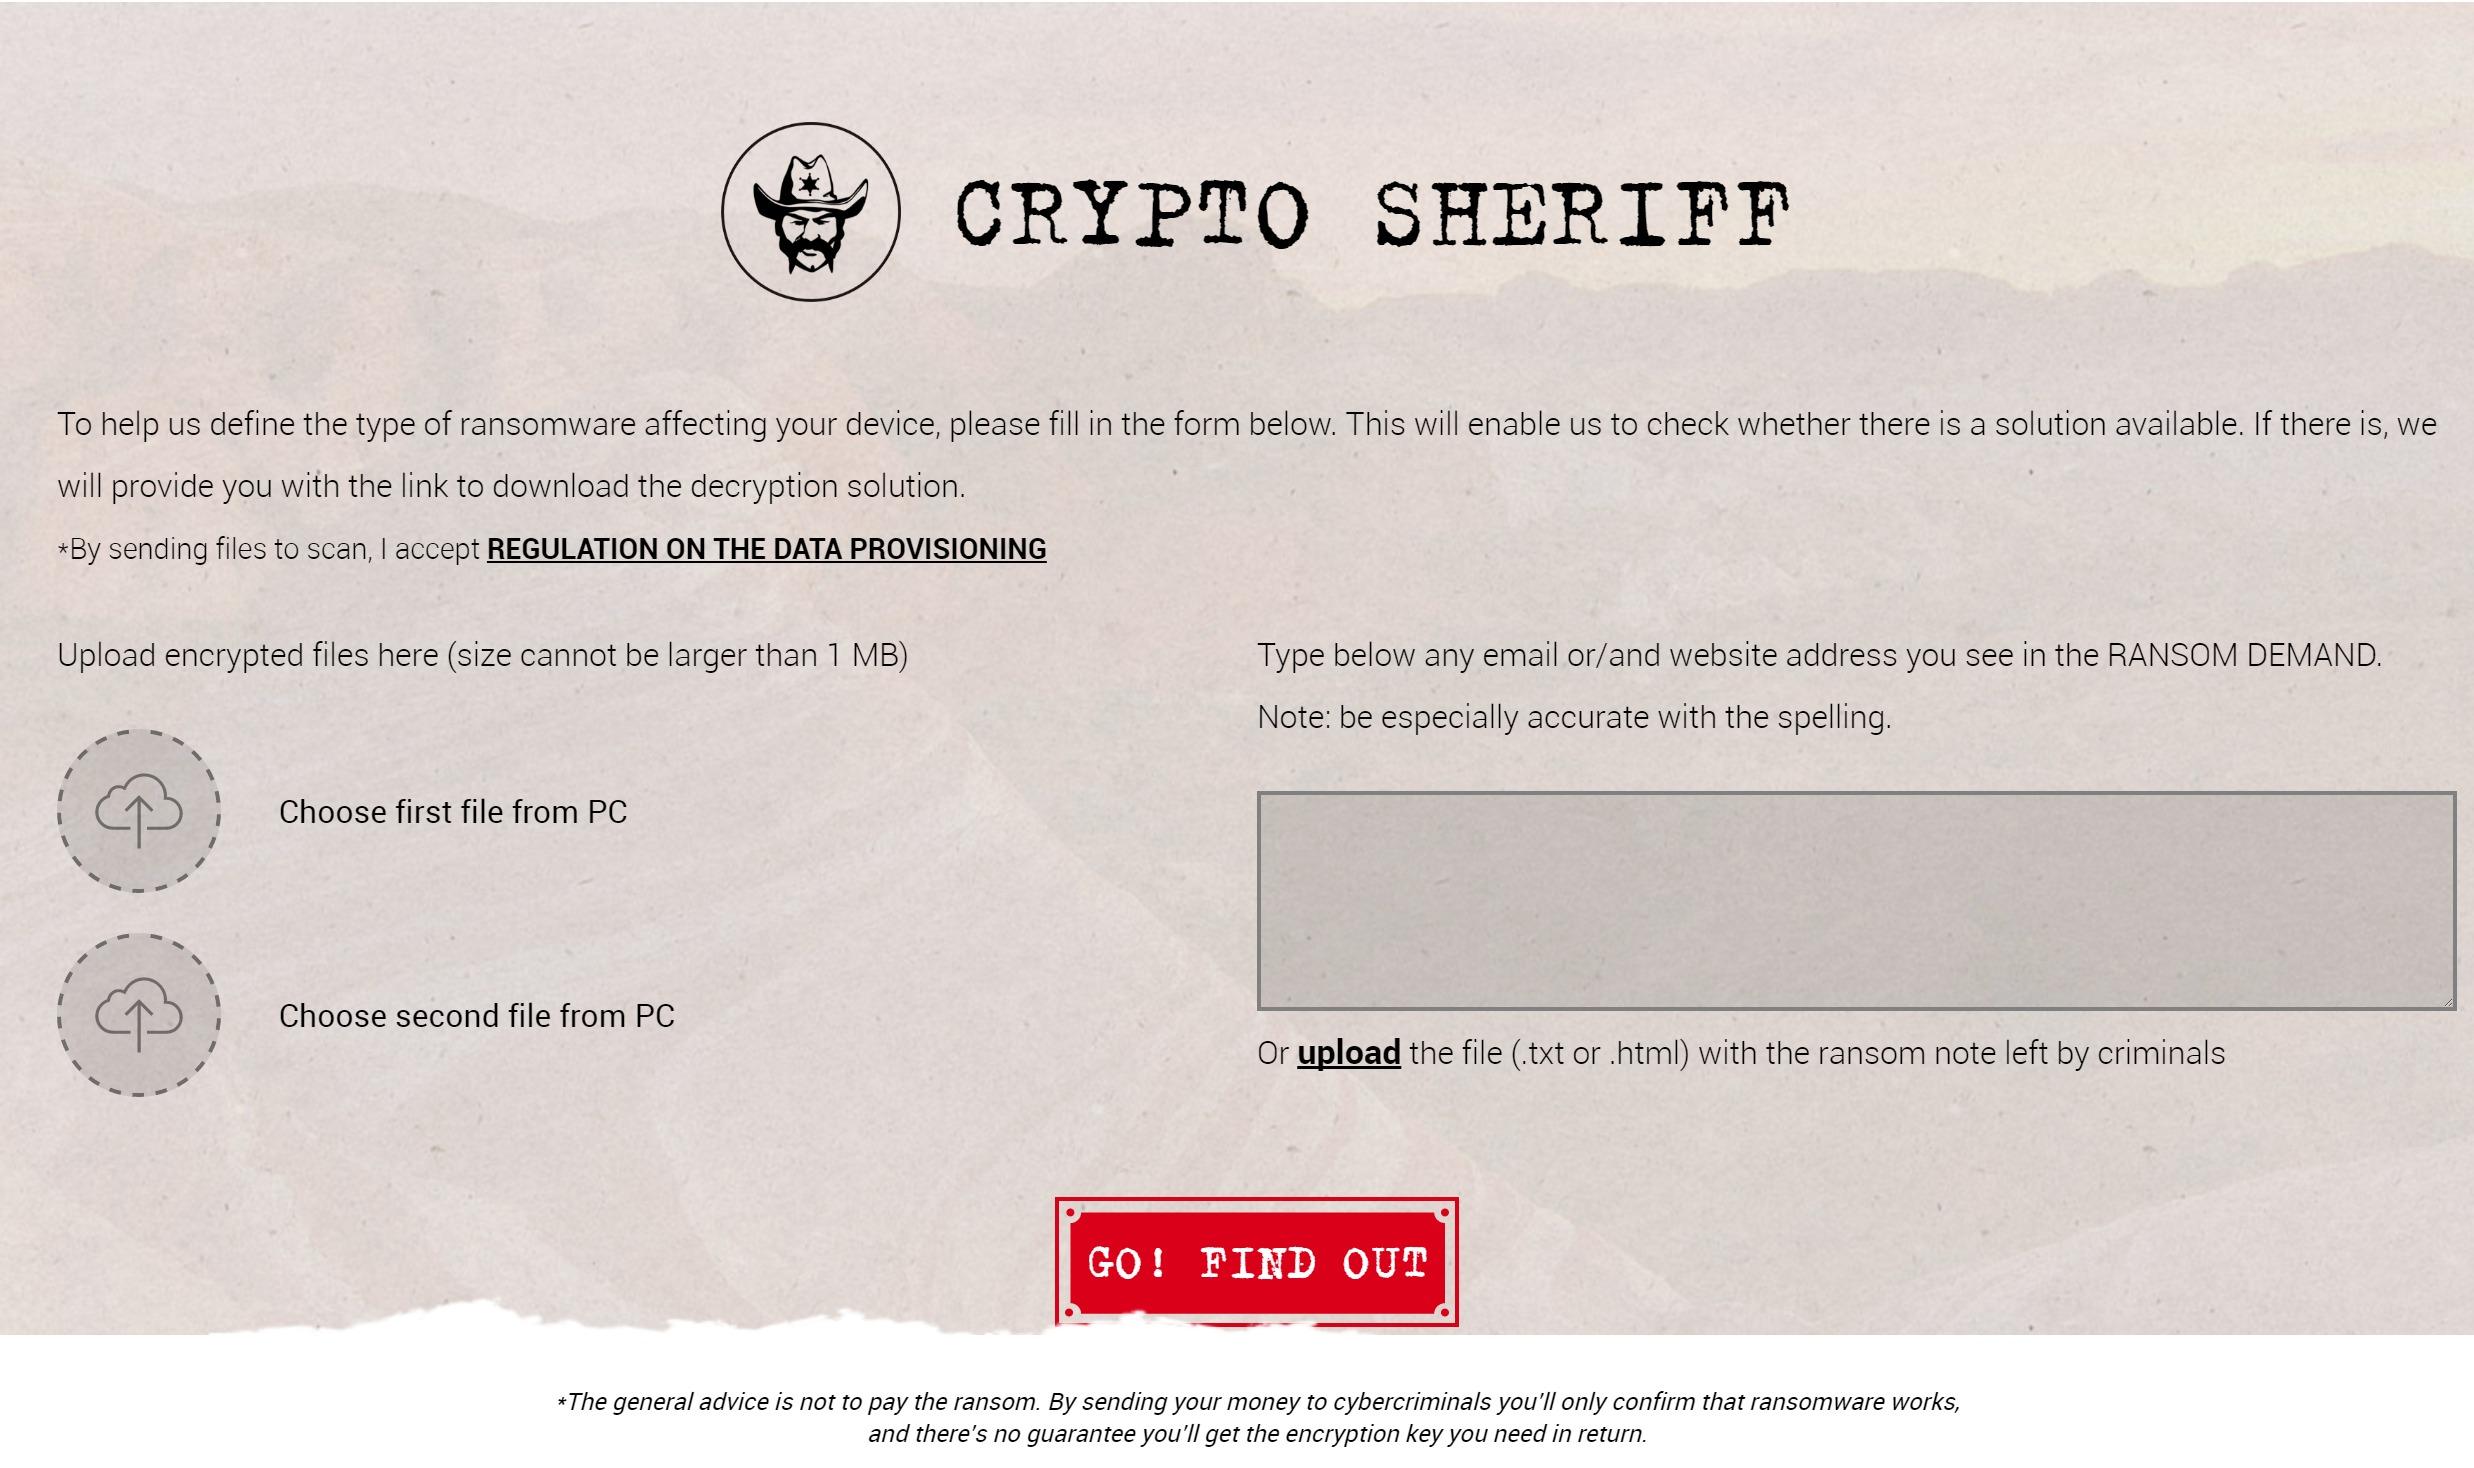 صفحهی اول سایت Crypto-sheriff شامل ابزار سادهای برای کشف نوع باج افزاری که ممکن است پی سی شما دچار آن شده باشد است.